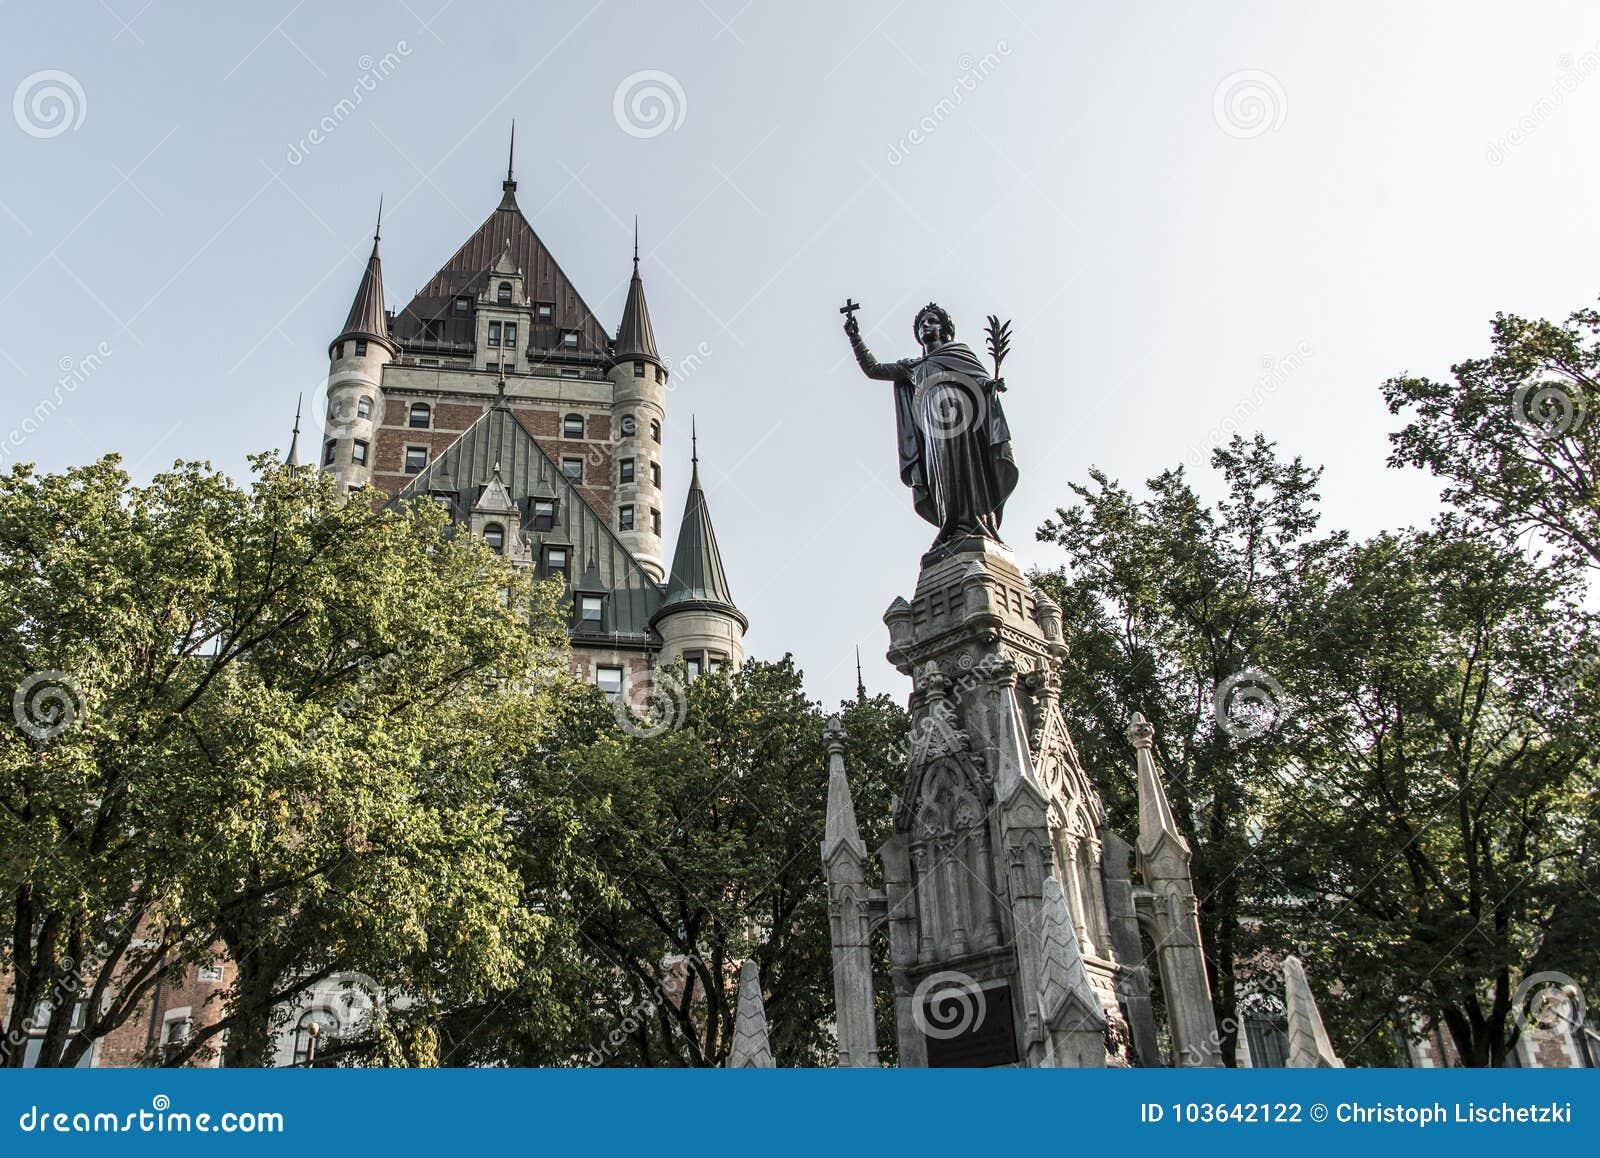 Μνημείο πηγών πόλεων του Καναδά Κεμπέκ της γυναίκας πίστης μπροστά από την κληρονομιά της ΟΥΝΕΣΚΟ τουριστικού αξιοθεάτου Frontena